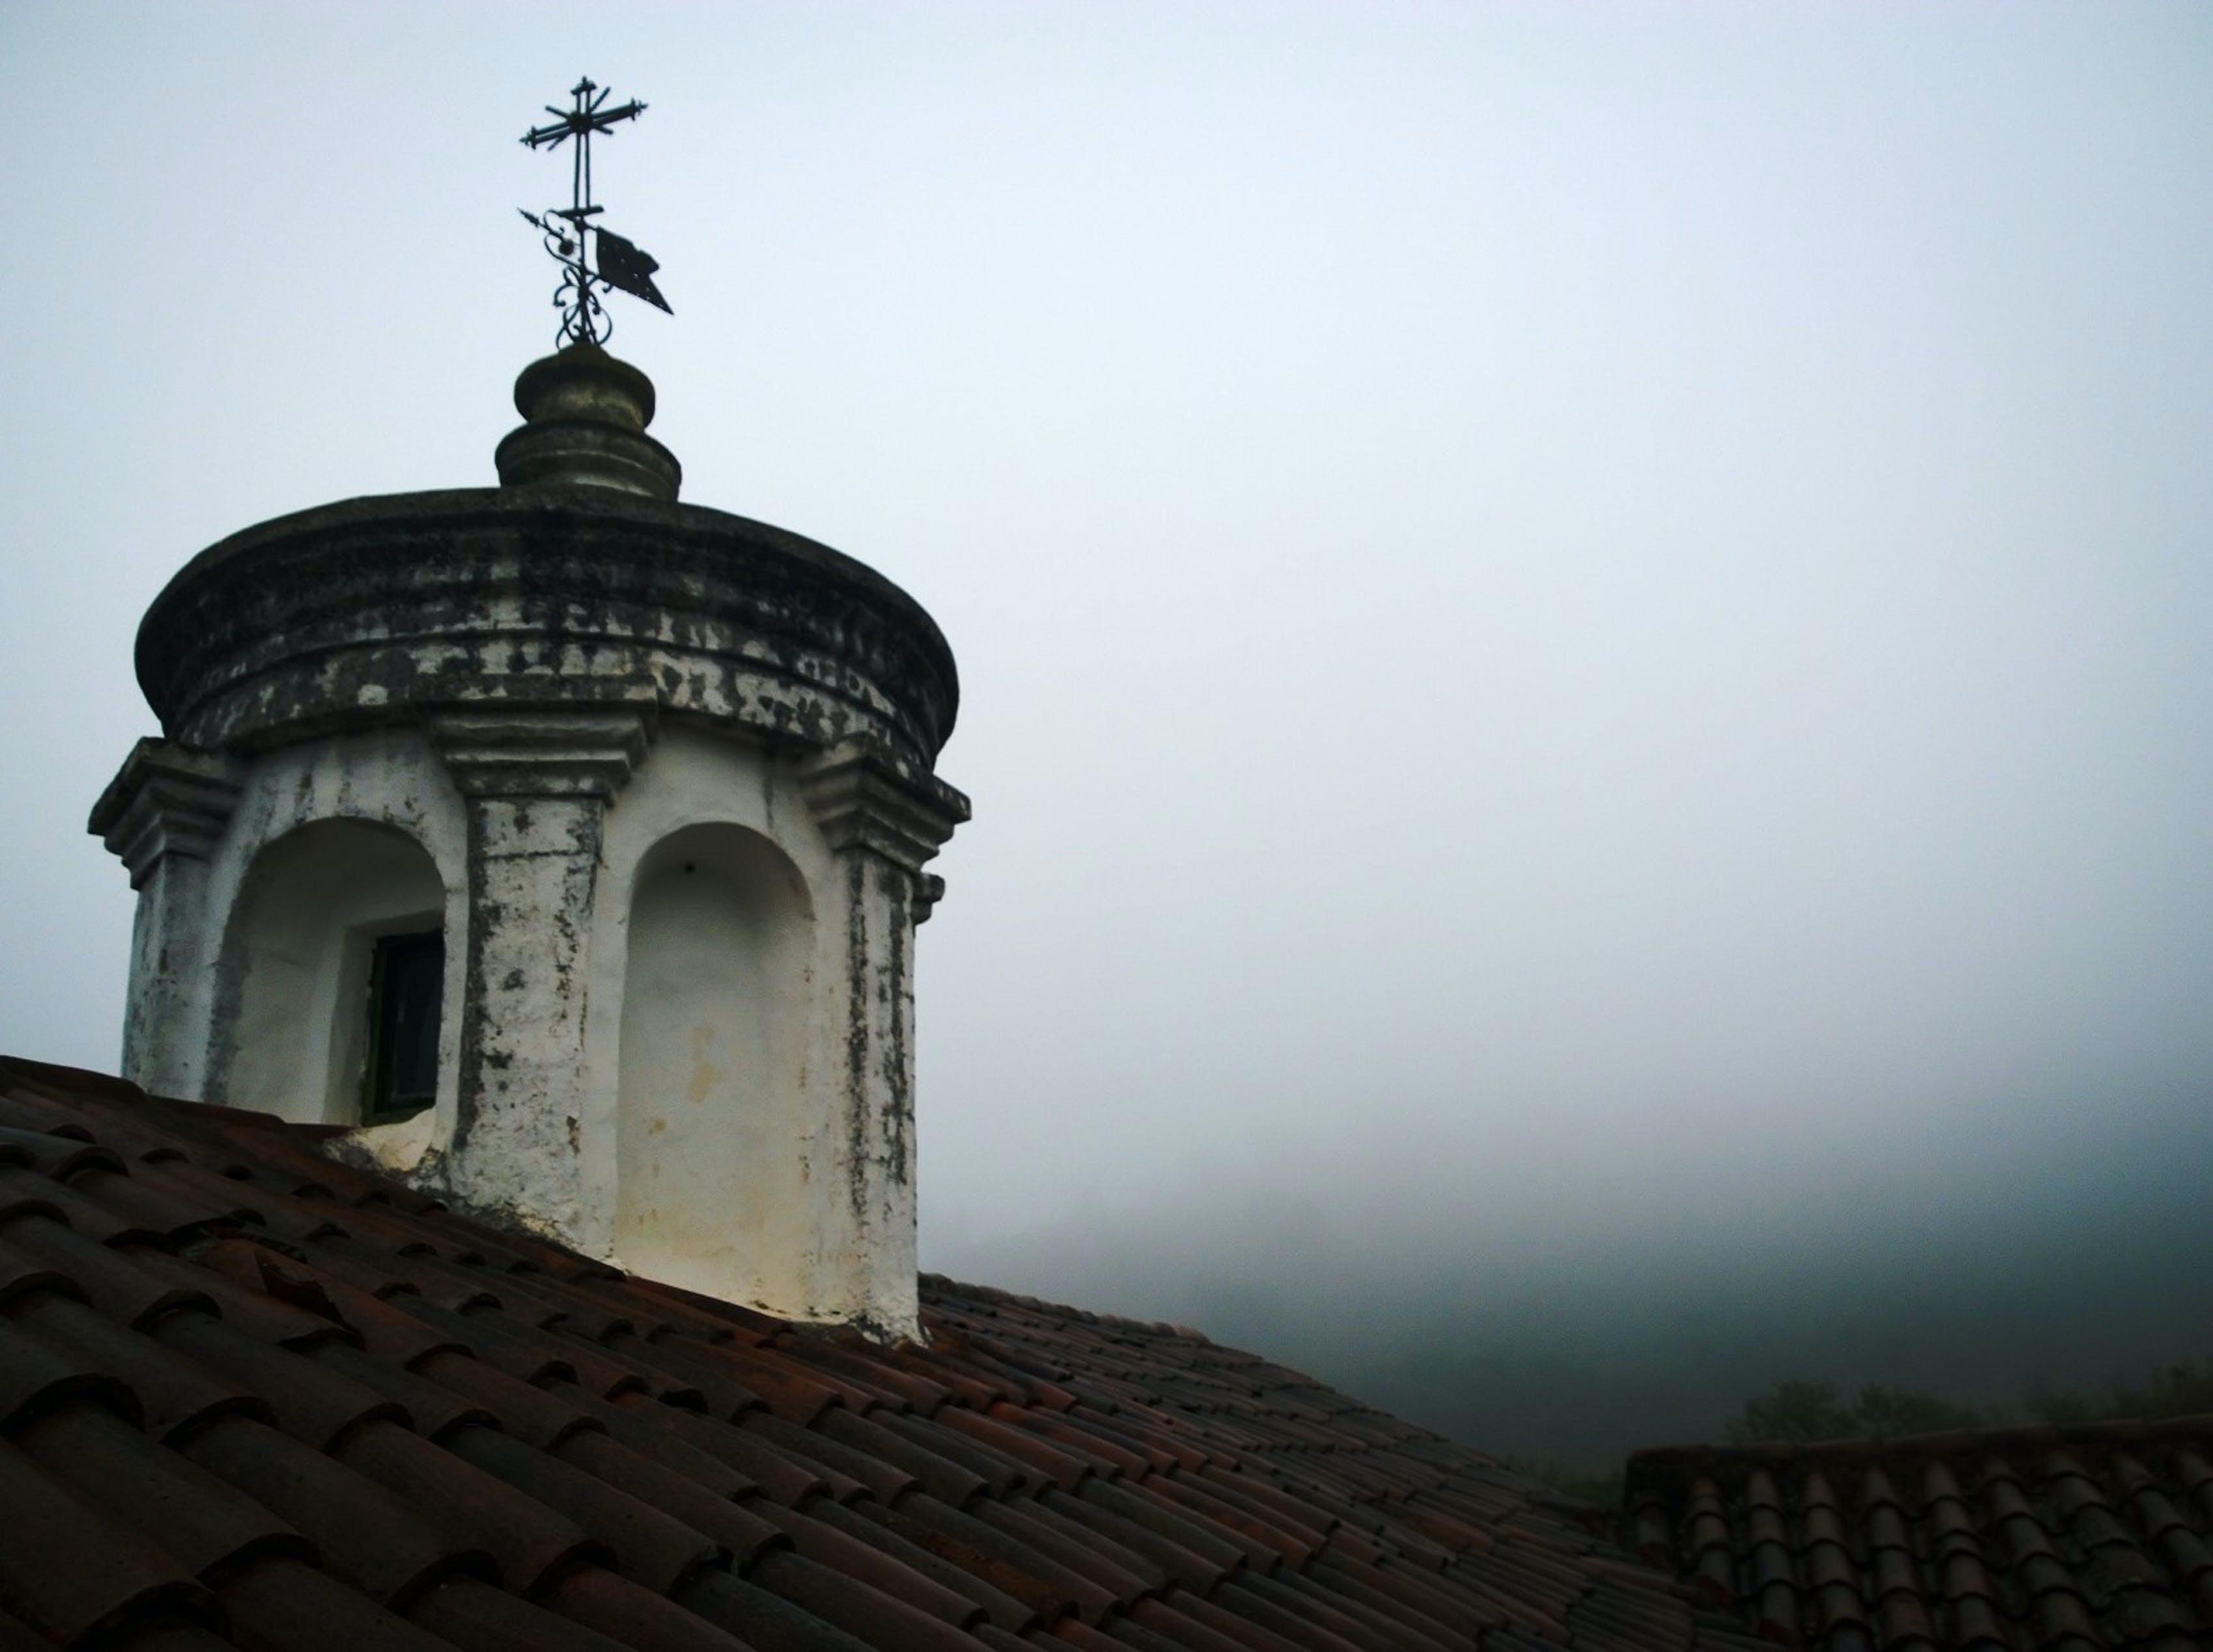 Δωρεάν στοκ φωτογραφιών με εκκλησία, θρησκεία, ομίχλη, πύργος